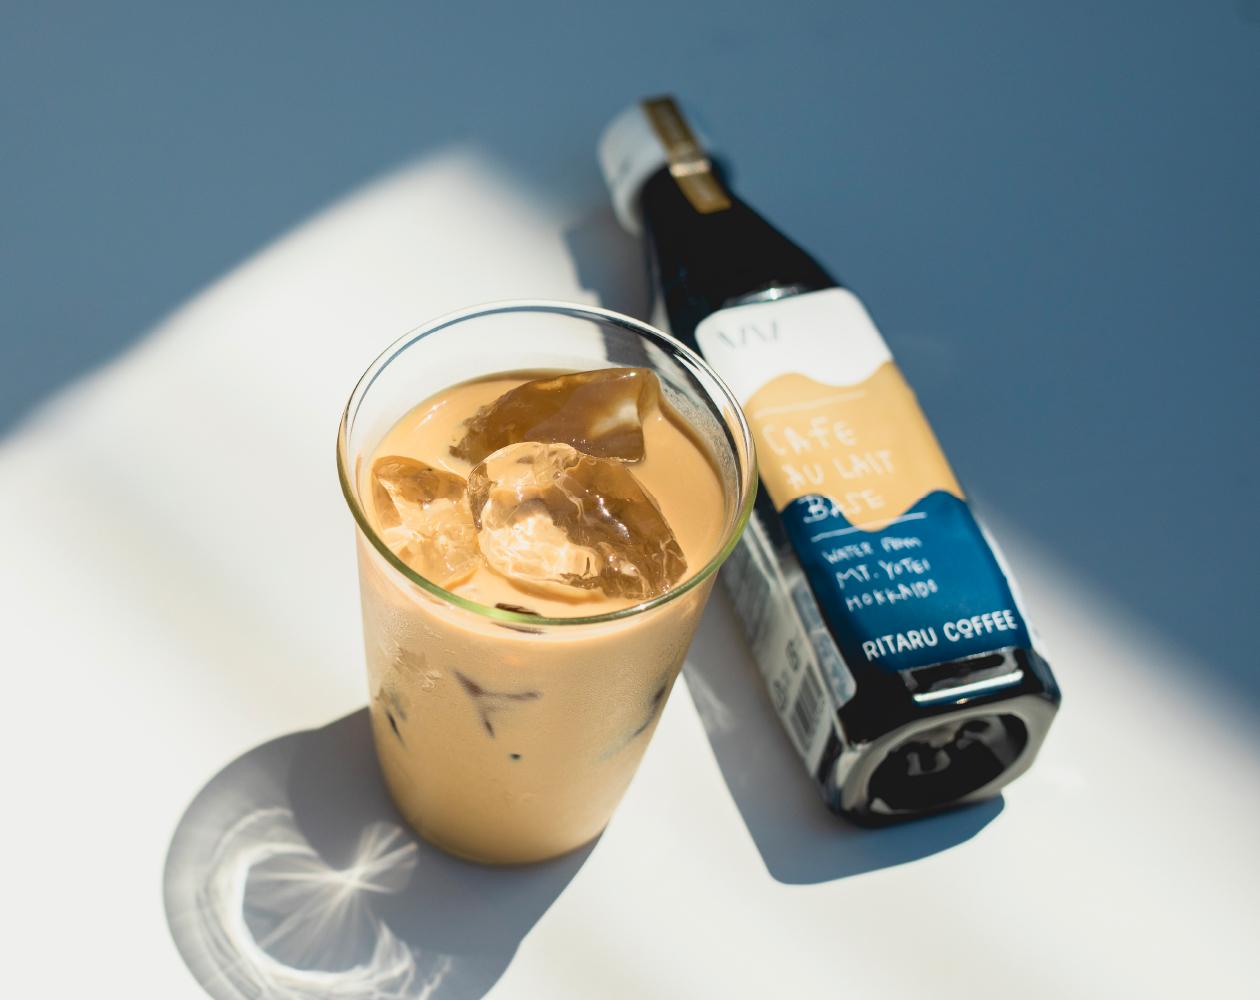 RITARU COFFEEで人気の アイスカフェオレとは?